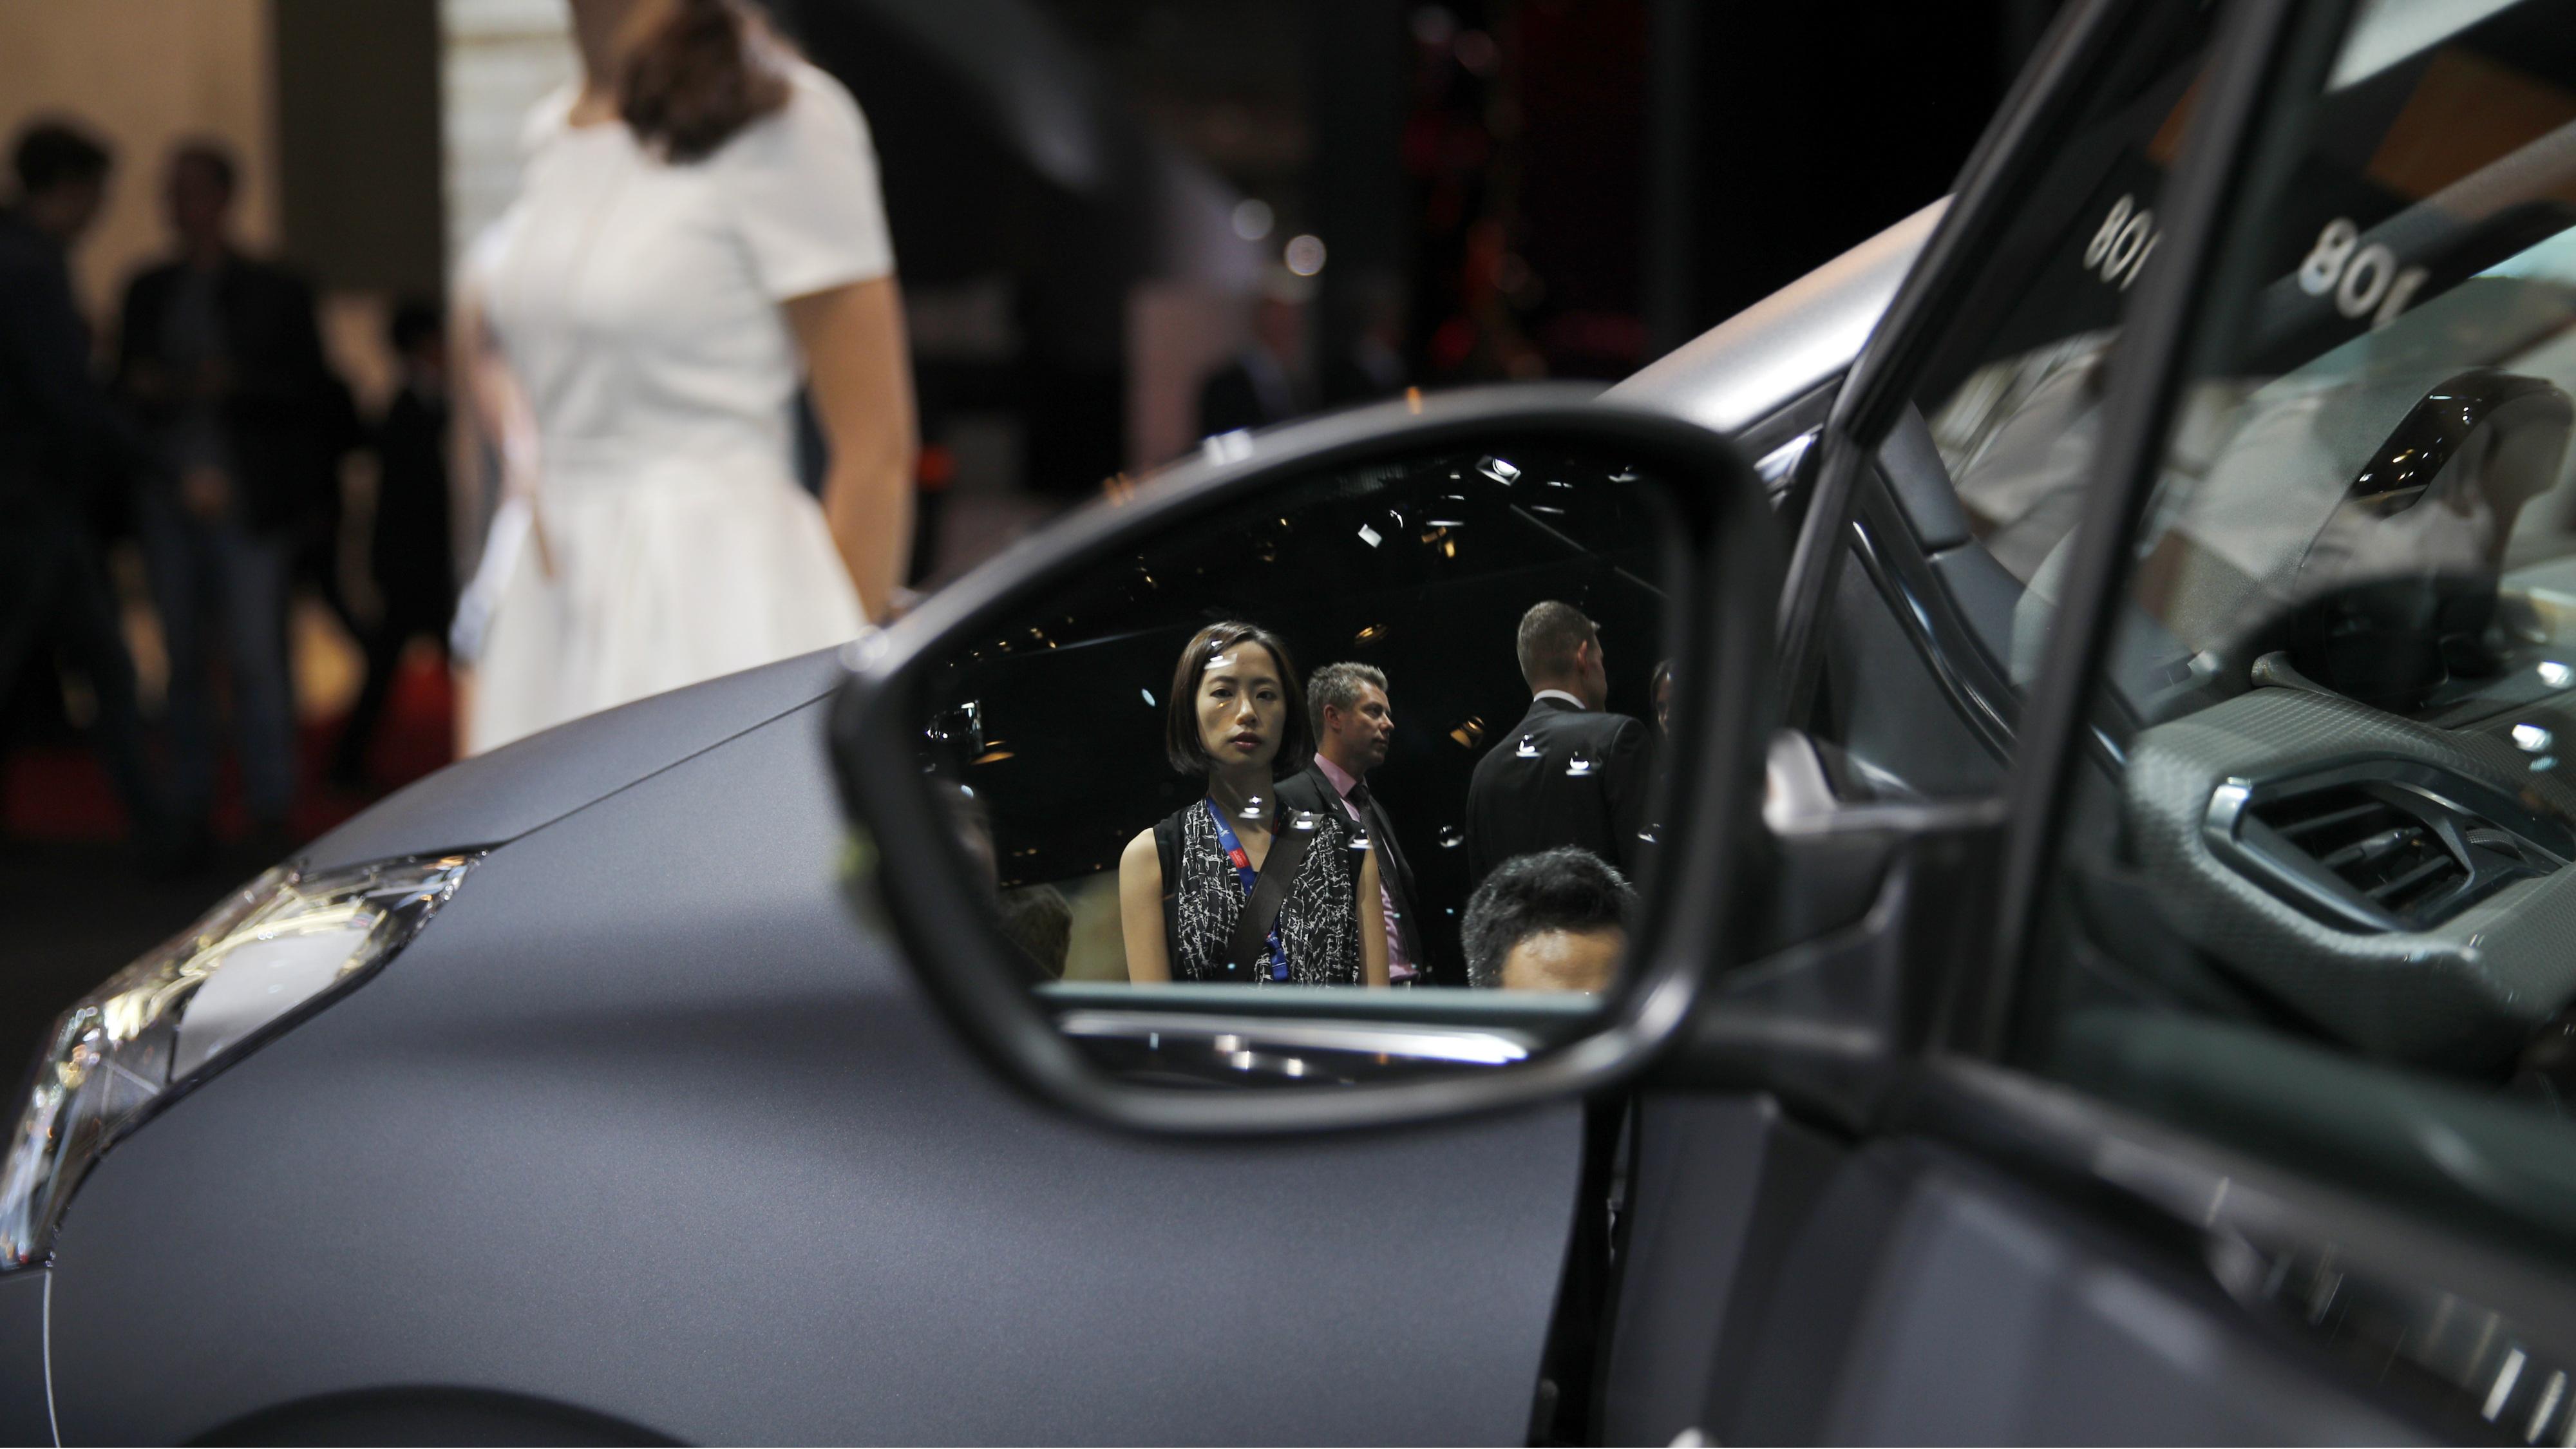 A rear-view mirror.